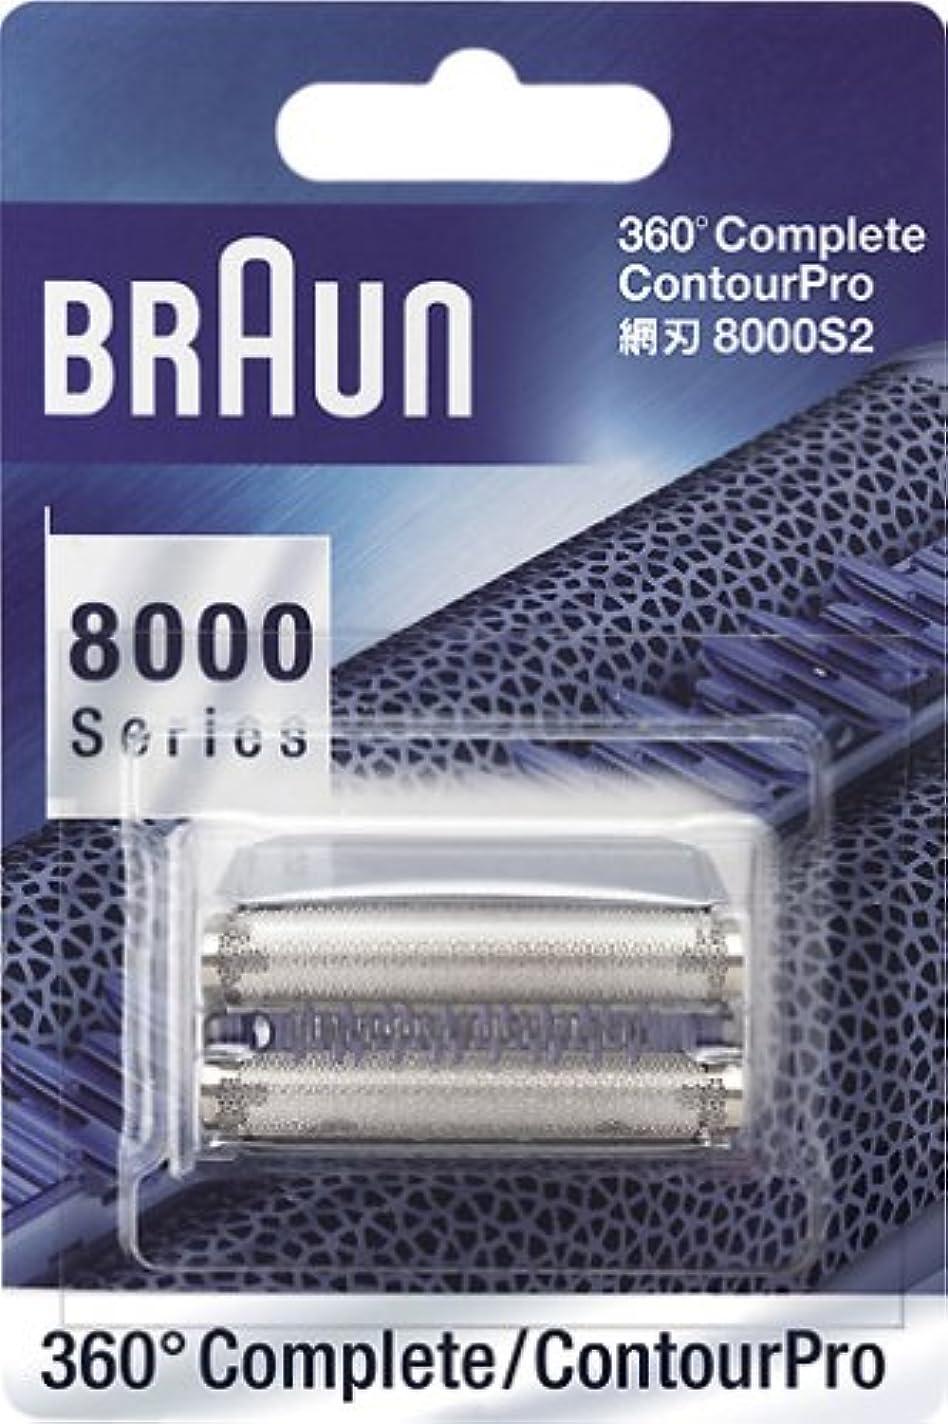 合理化暗くする冷凍庫ブラウン 360°コンプリート/コントゥアプロ用 網刃 F8000S2